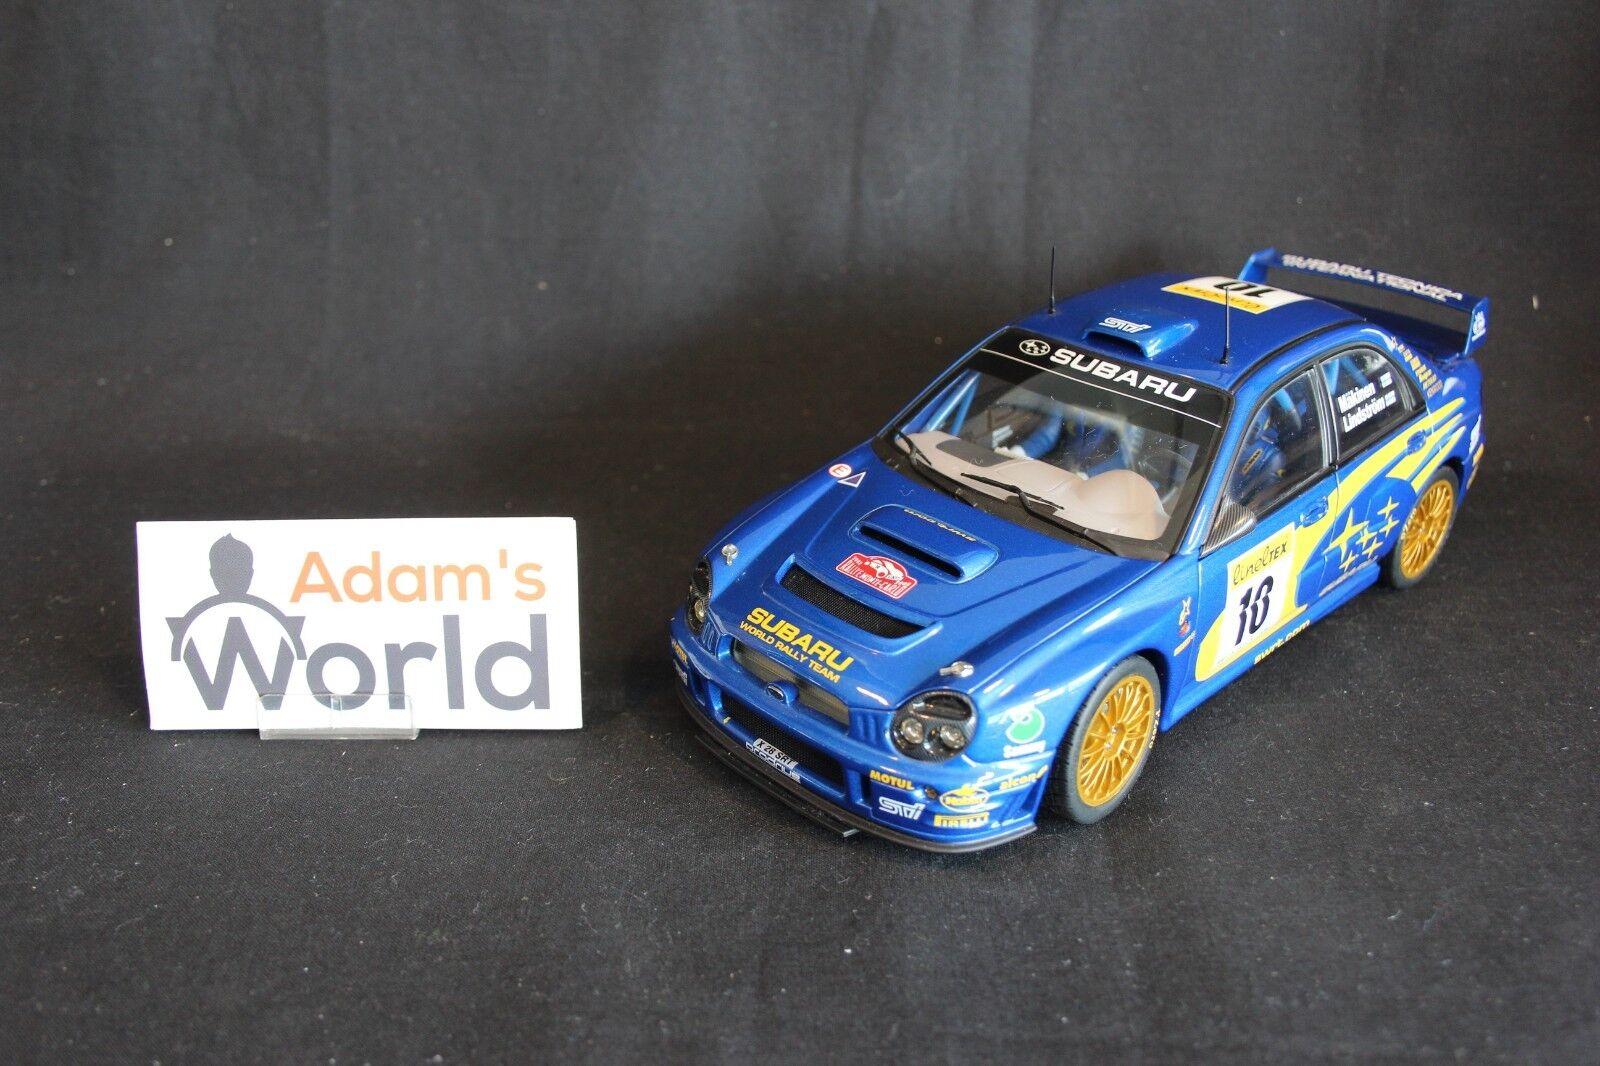 economico e di alta qualità AutoArt Subaru Impreza S7 WRC WRC WRC '01 1 18  10 Mäkinen   Lindström MC (JvdM) fig.  con il prezzo economico per ottenere la migliore marca